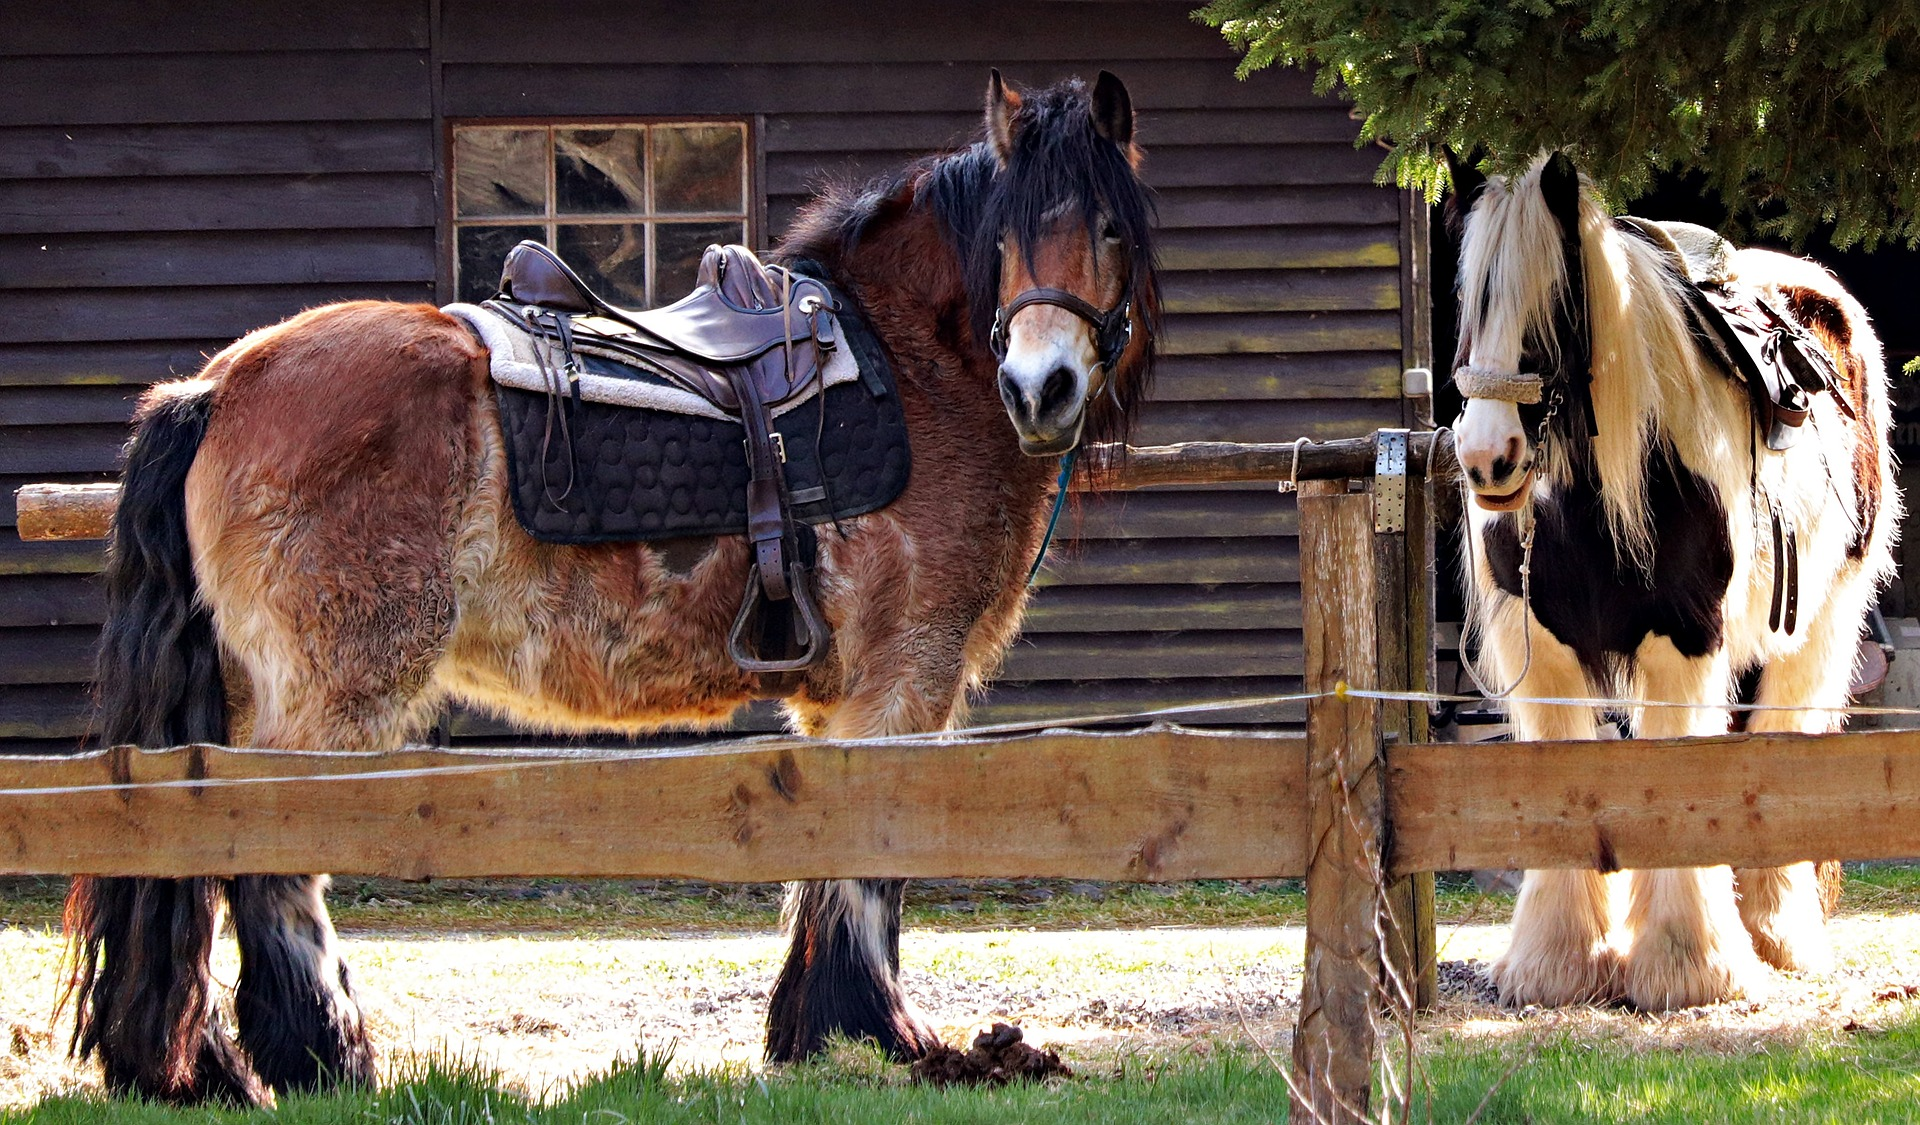 horses-2180584_1920.jpg